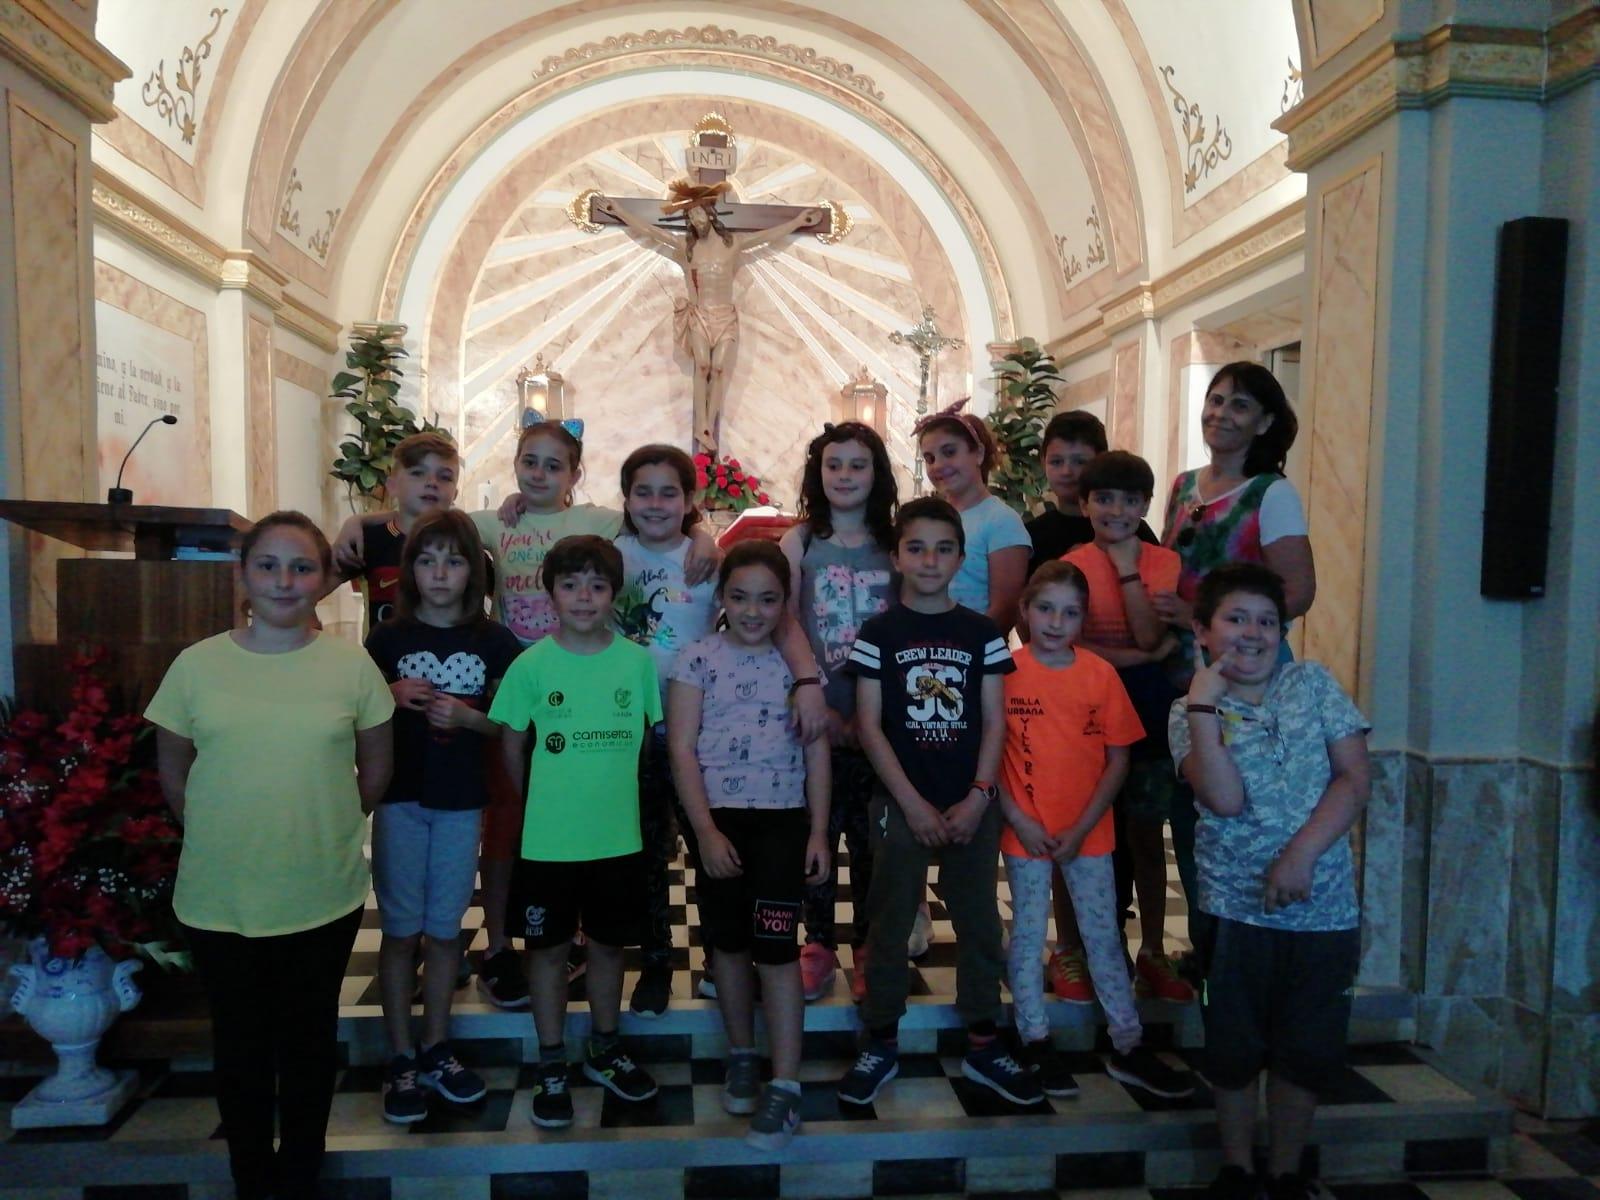 (2019-05-29) Visita alumnos Laura - 3 B primaria - Reina Sofia - Isabel B (09)